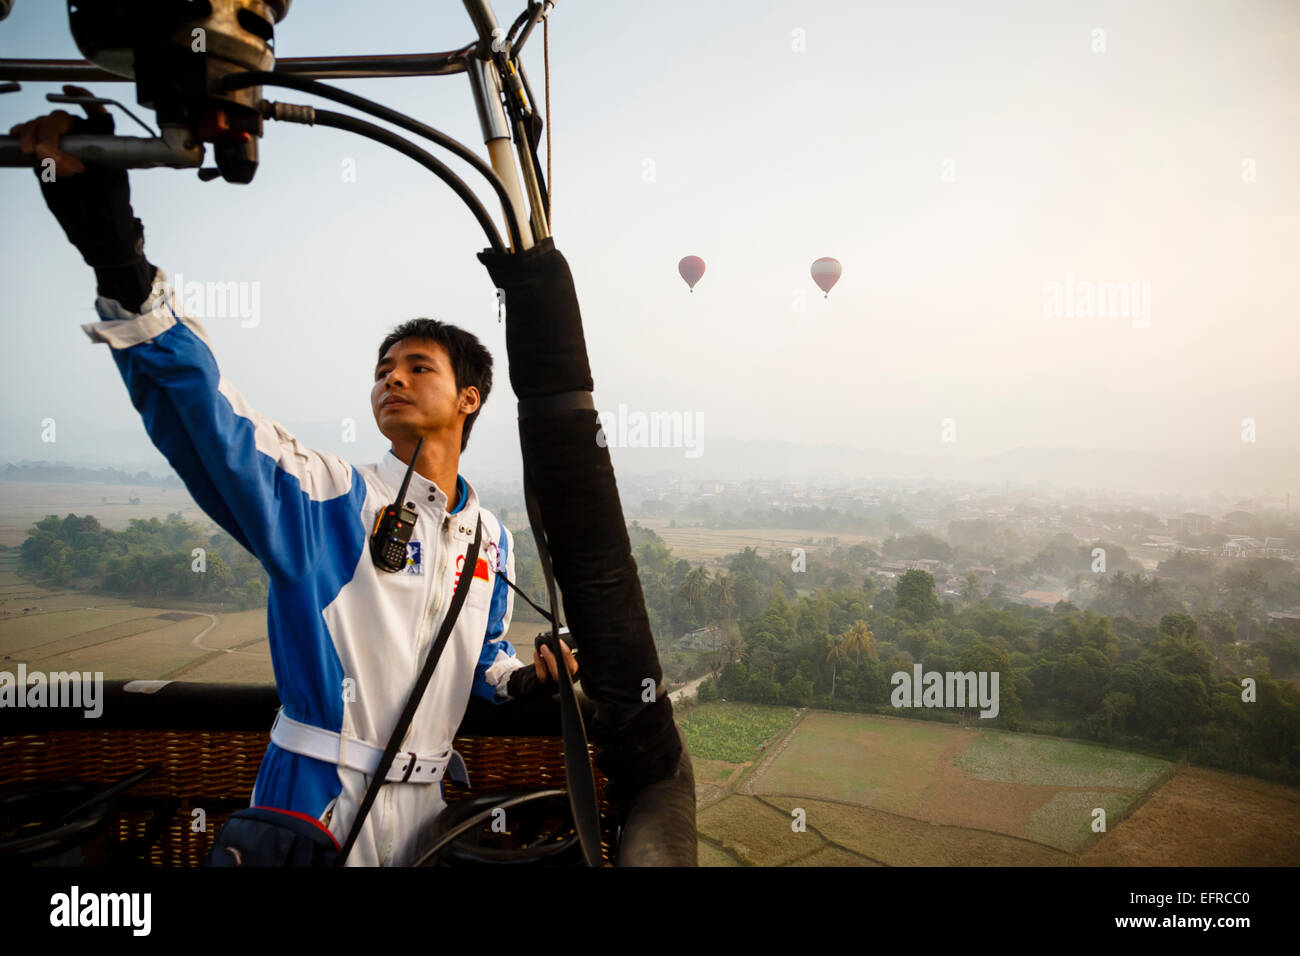 Hot air balloon pilot, Vang Vieng, Laos. - Stock Image